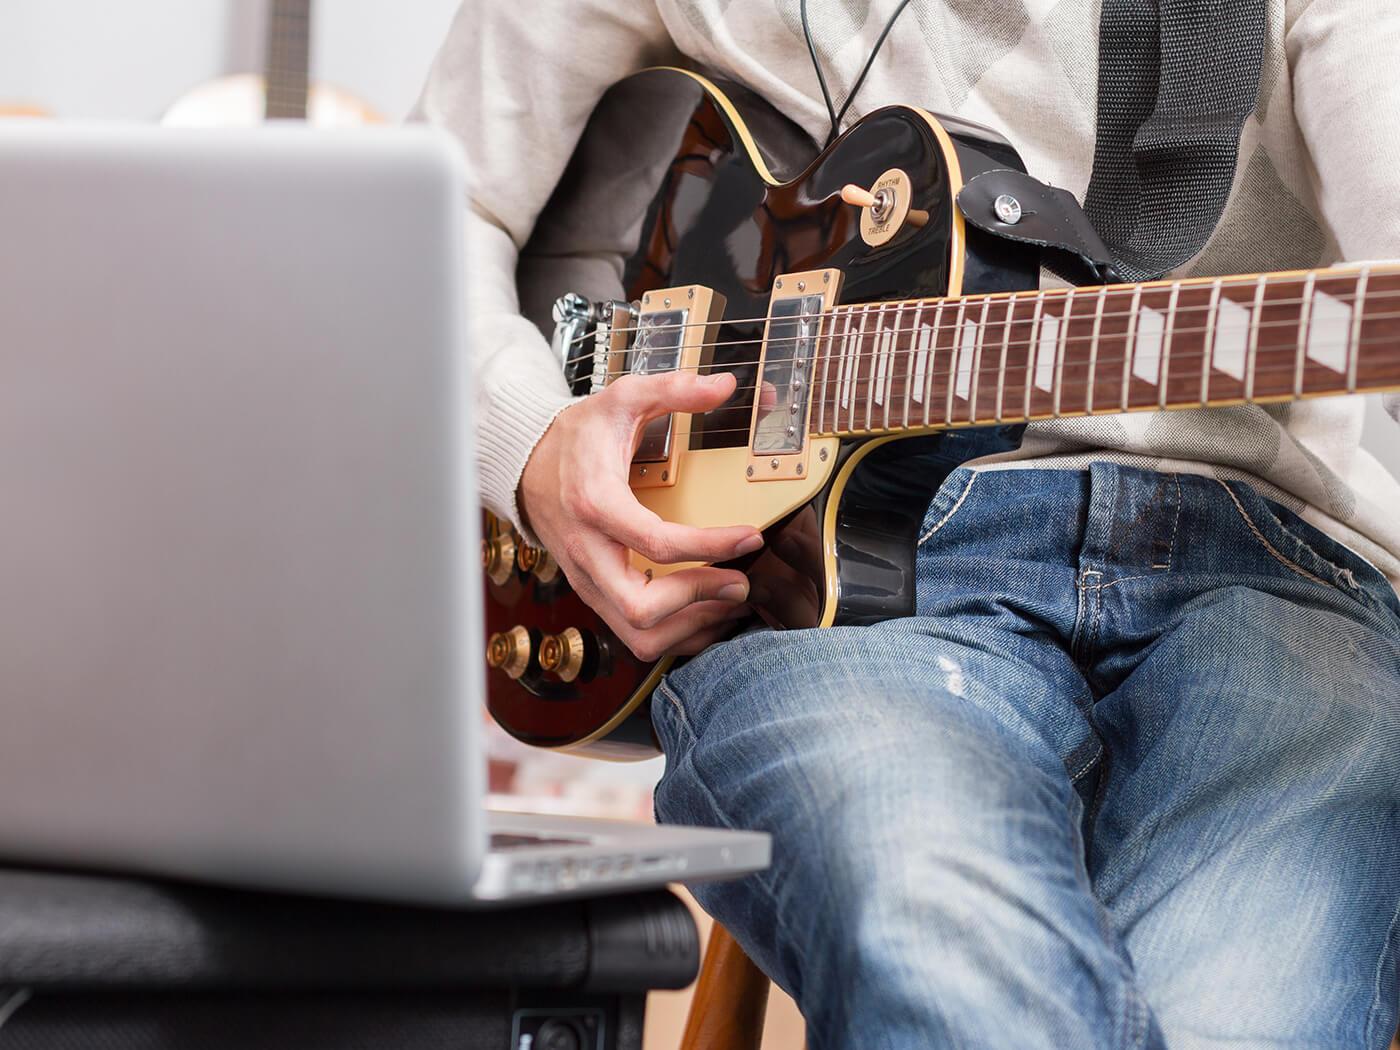 Học guitar tại gia trong mùa dịch với chương trình mới từ Gibson